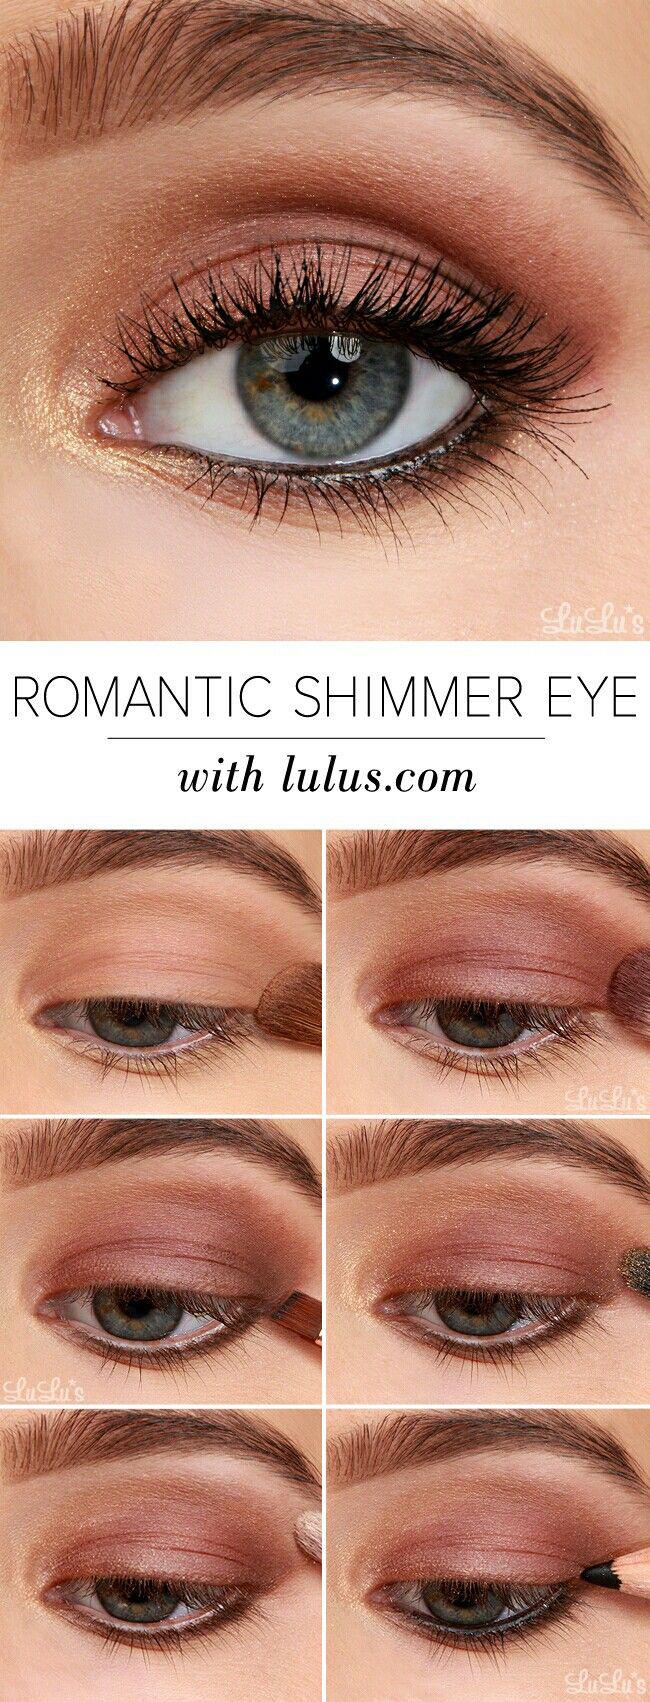 Shimmer Eyr Makeup Eyeshadow Hazel Make Up Pinterest Makeup